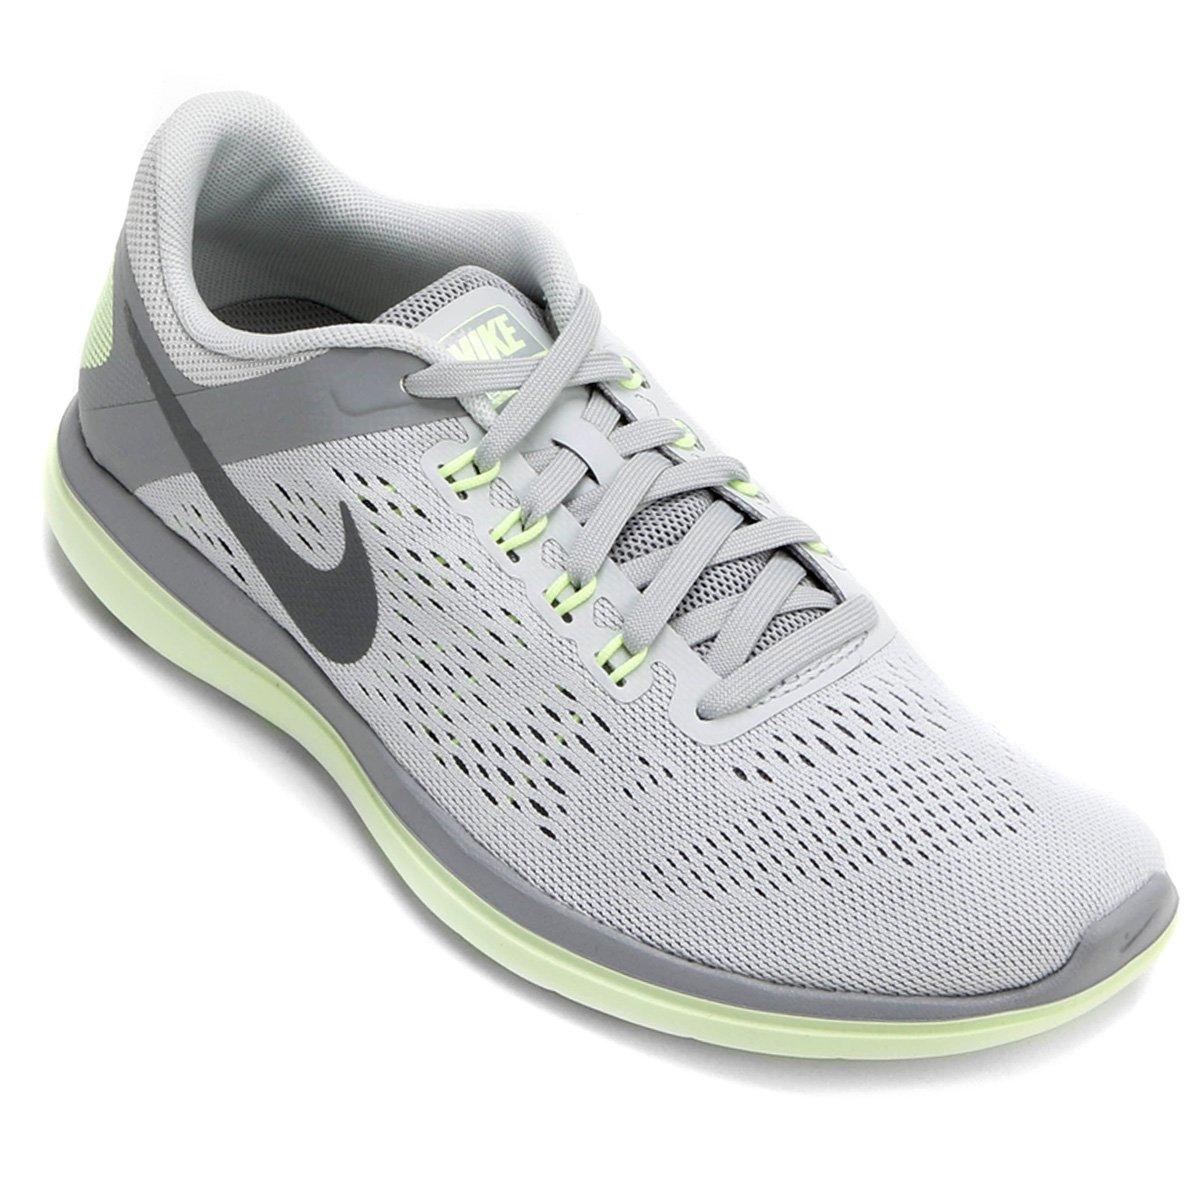 Tênis Nike Flex 2016 RN Feminino - Compre Agora  a3a23784b4eb5